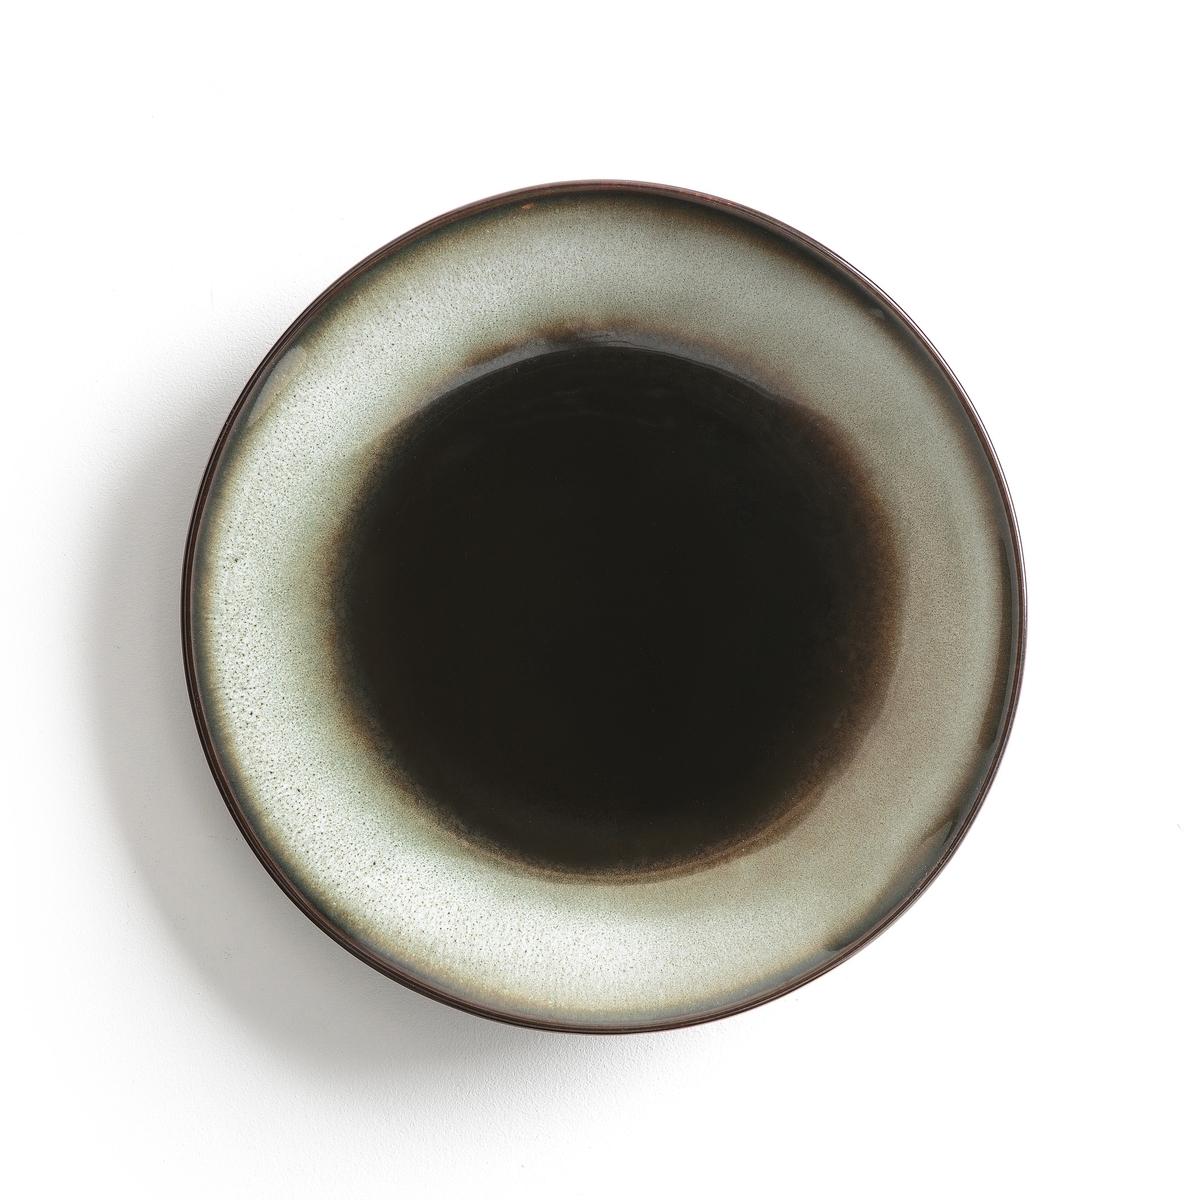 Комплект из 4 мелких тарелок из керамики Tadefi4 мелкие тарелки из глазурованной керамики с отражающим эффектом Tadefi. Органическая форма, вдохновленная природой, и красивое покрытие глазурью. Можно использовать в посудомоечных машинах и микроволновых печах. Размеры: ?25 см. Глубокие и десертные тарелки вы можете найти на нашем сайте.<br><br>Цвет: каштановый